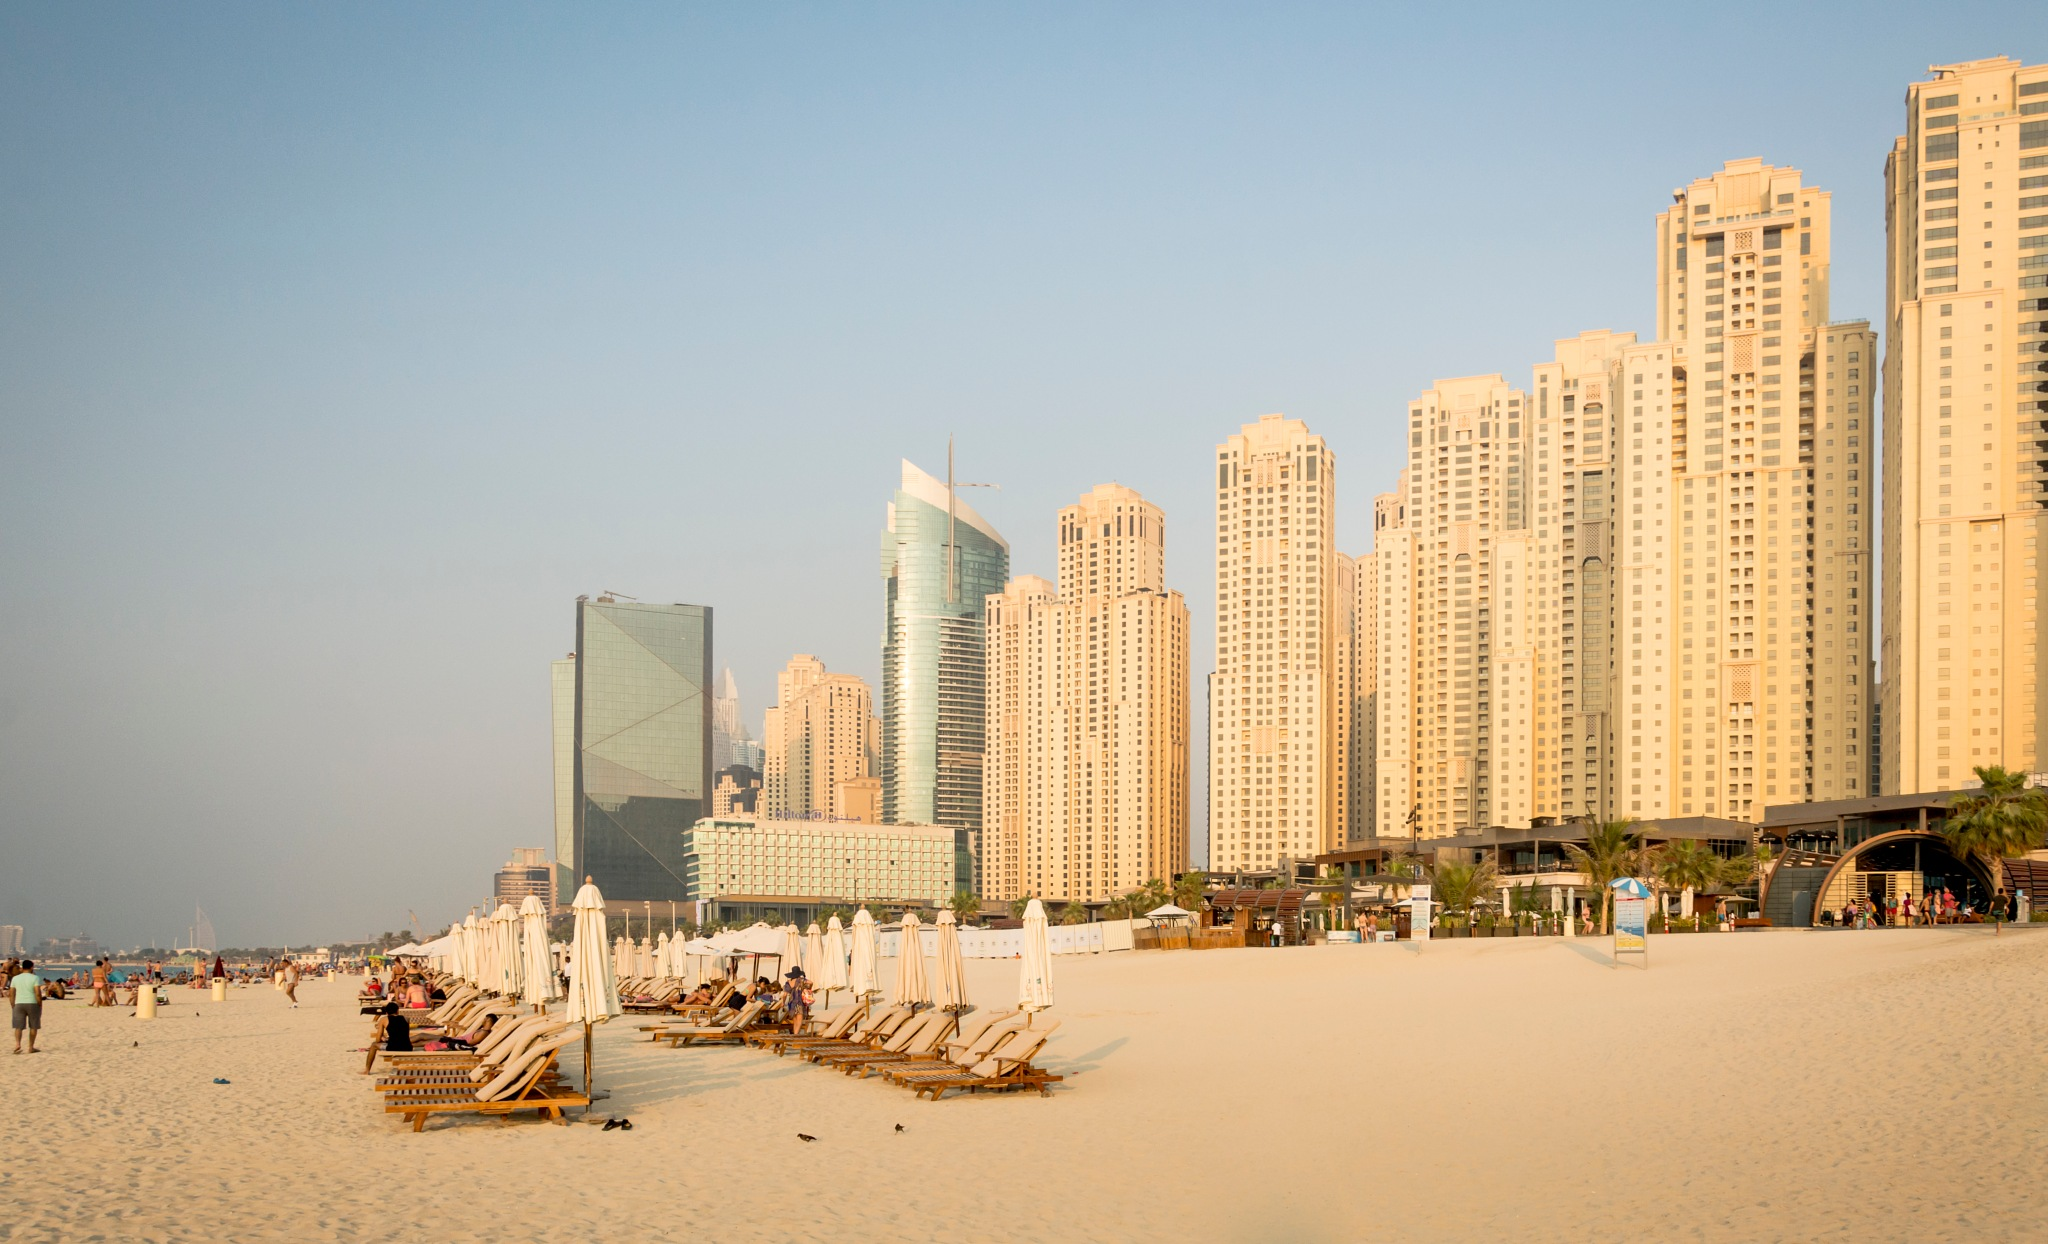 Dubai 8 by nilsons1974